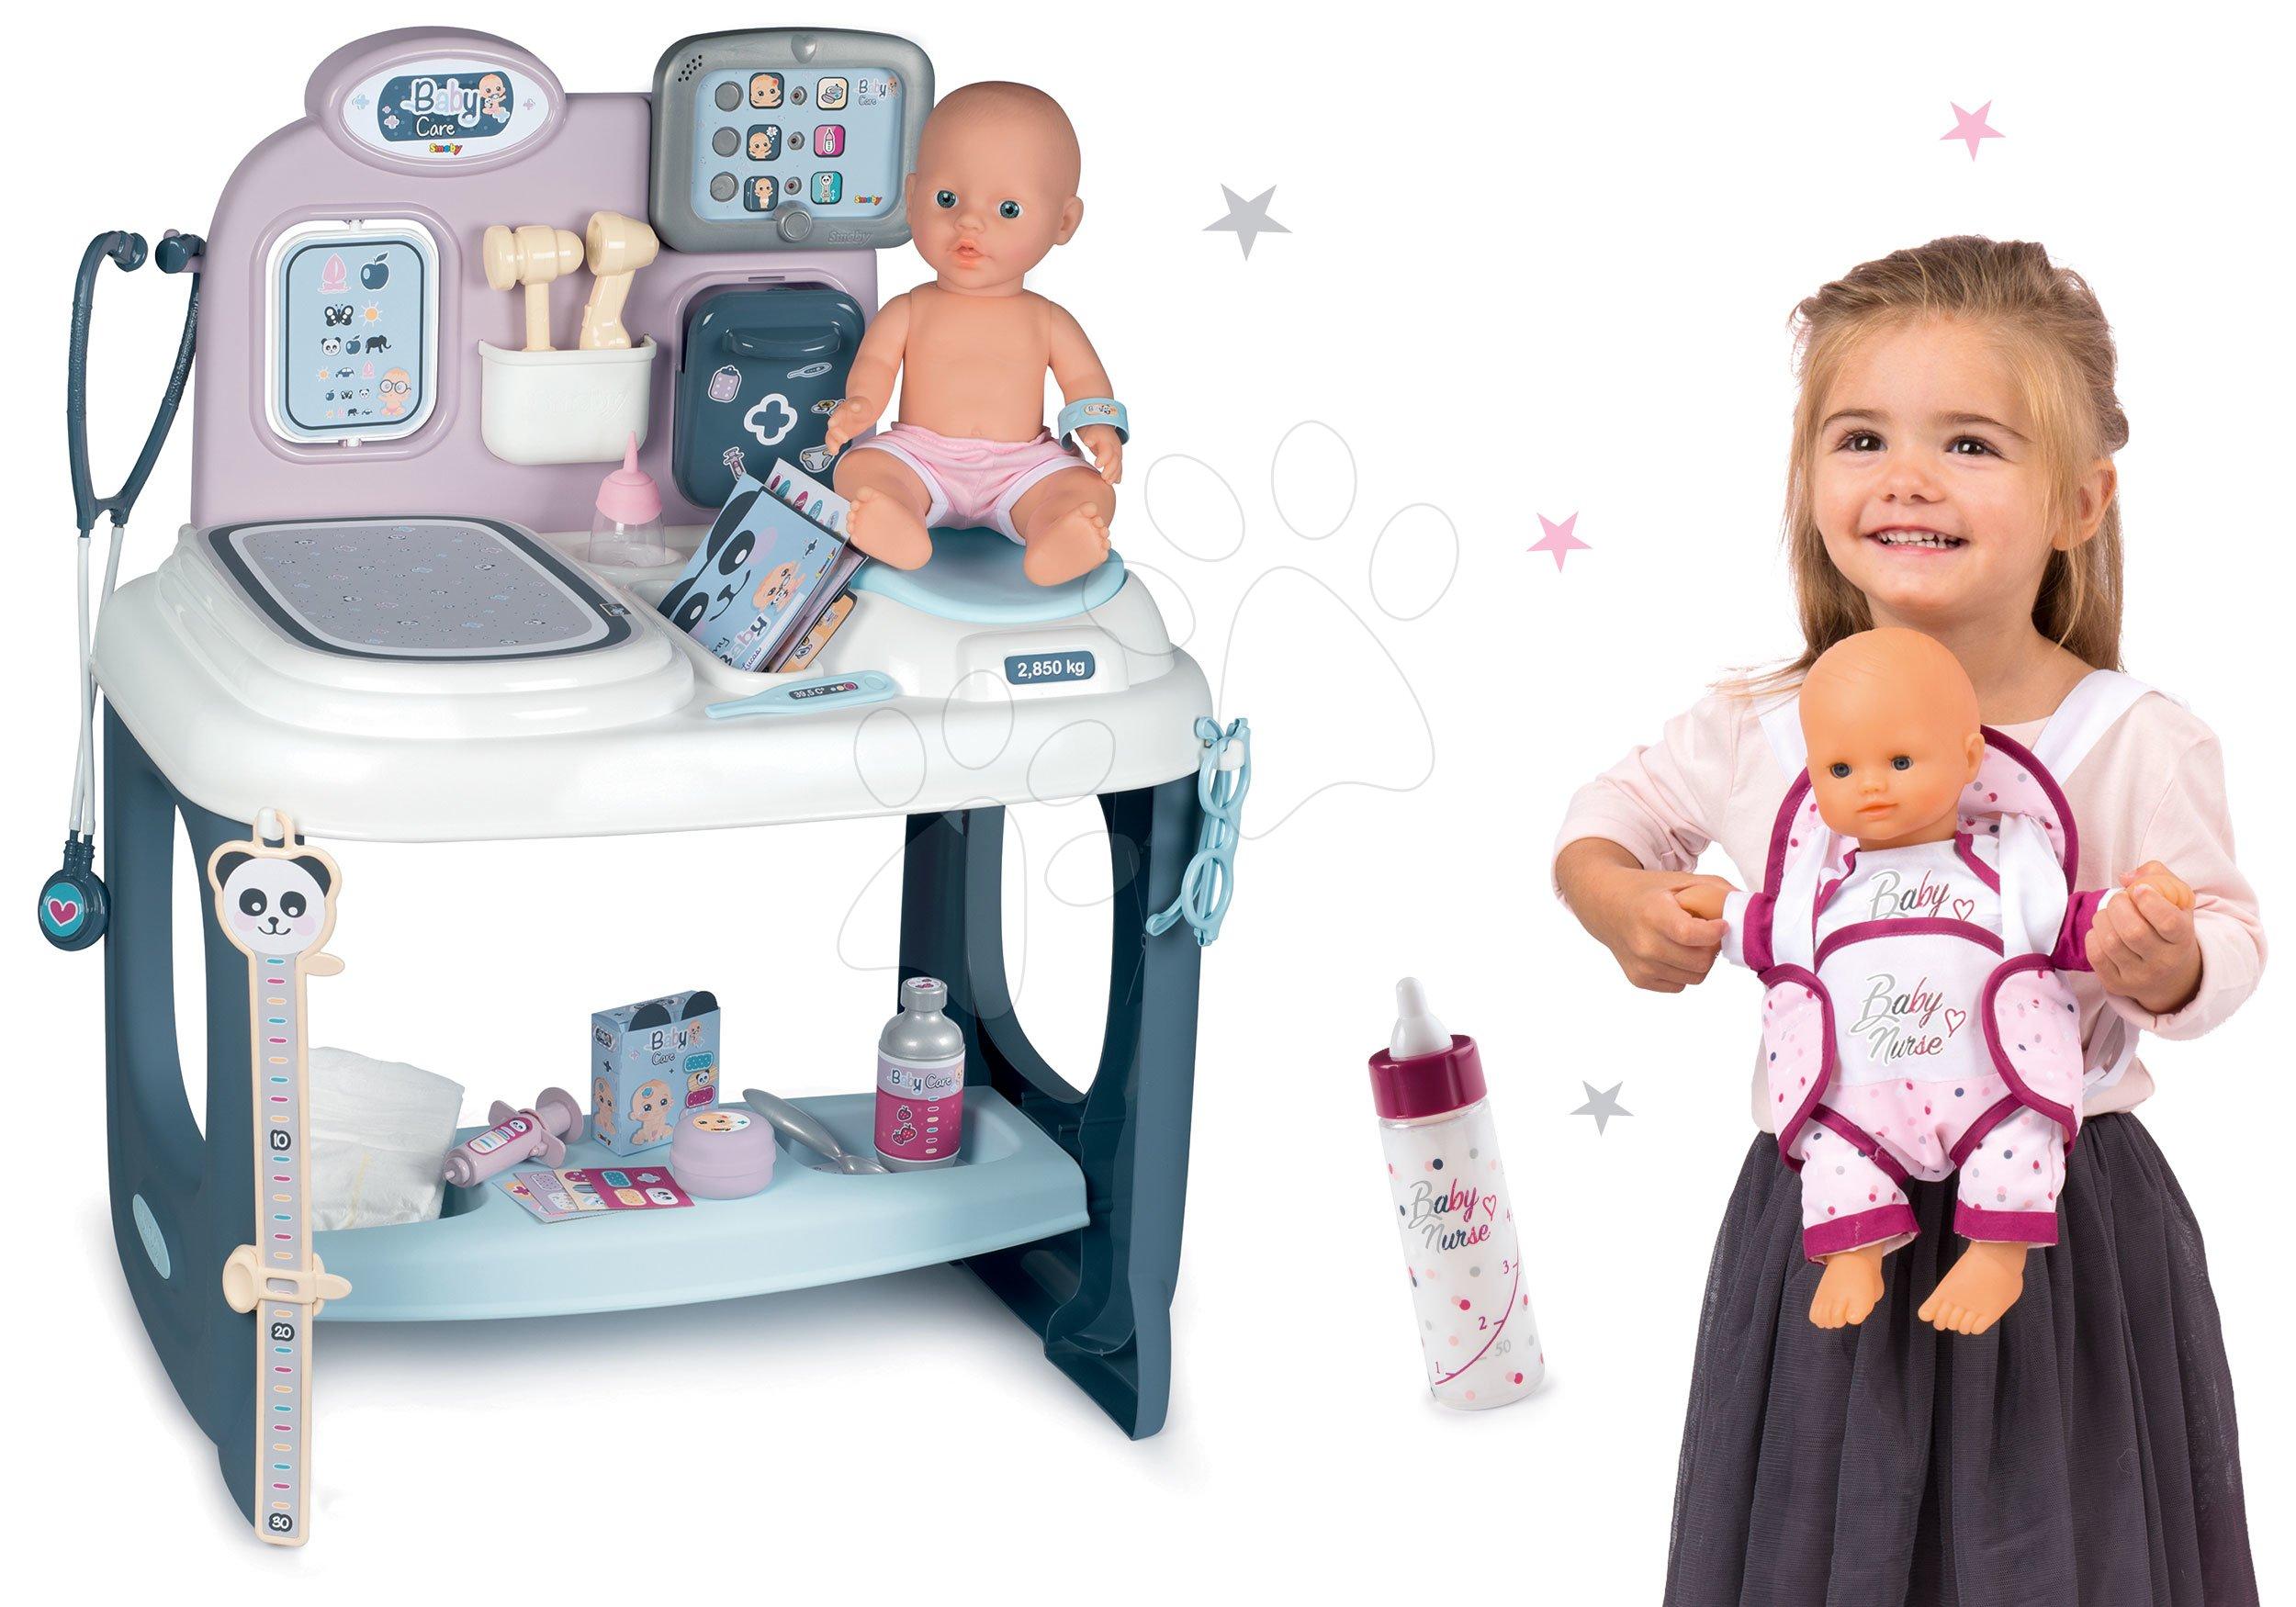 Set zdravotnický pult pro lékaře Baby Care Center Smoby s lahvičkou a klokankou pro panenku